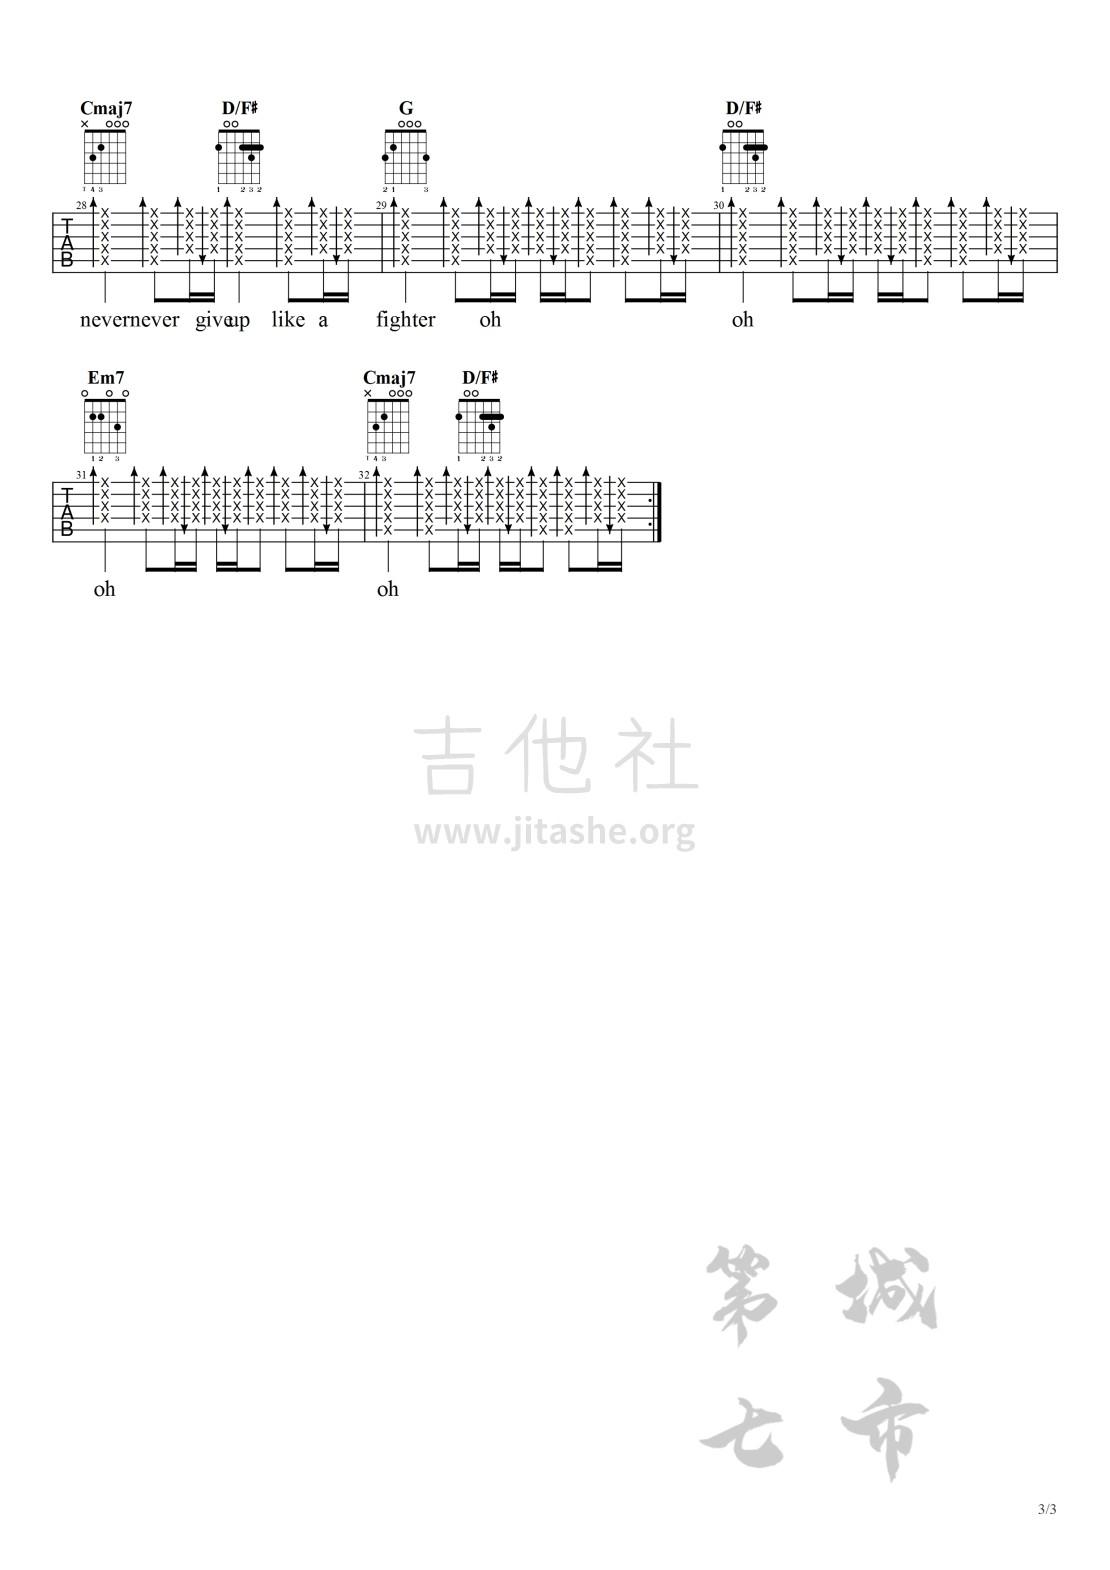 少年(G调吉他谱男生版)吉他谱(图片谱,弹唱,吉他谱,男生版)_梦然_少年#3.png